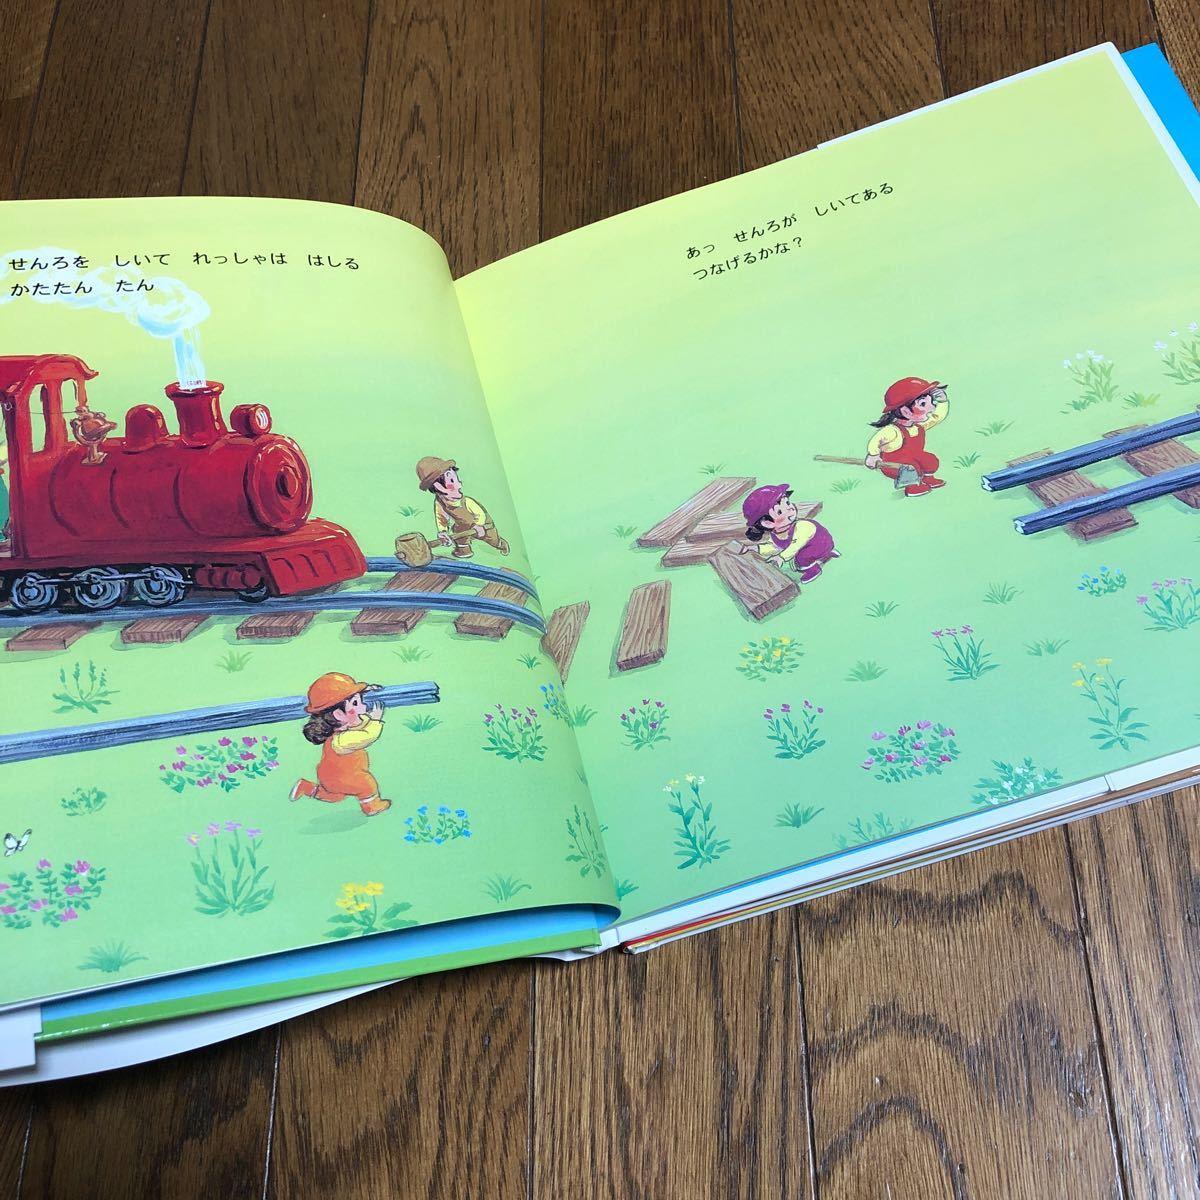 絵本/せんろはつづくシリーズ 3巻セット 竹下文子/電車好きなお子さんに!でんしゃの出てくるえほん